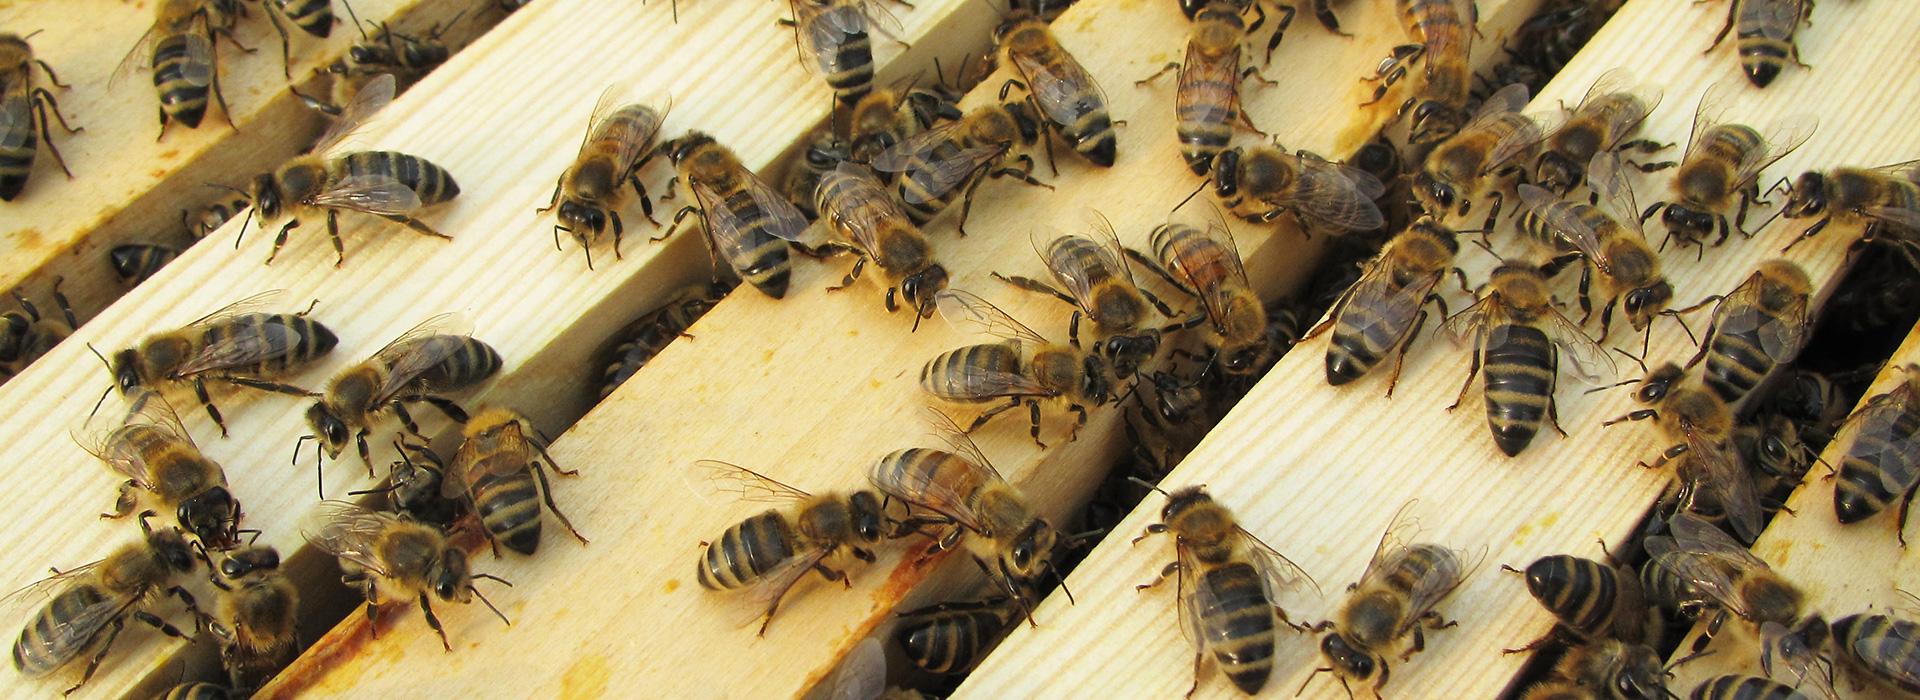 adcom werbeagentur Imkerei Bienenhort Suderwich Recklinghausen Bienenpatenschaft